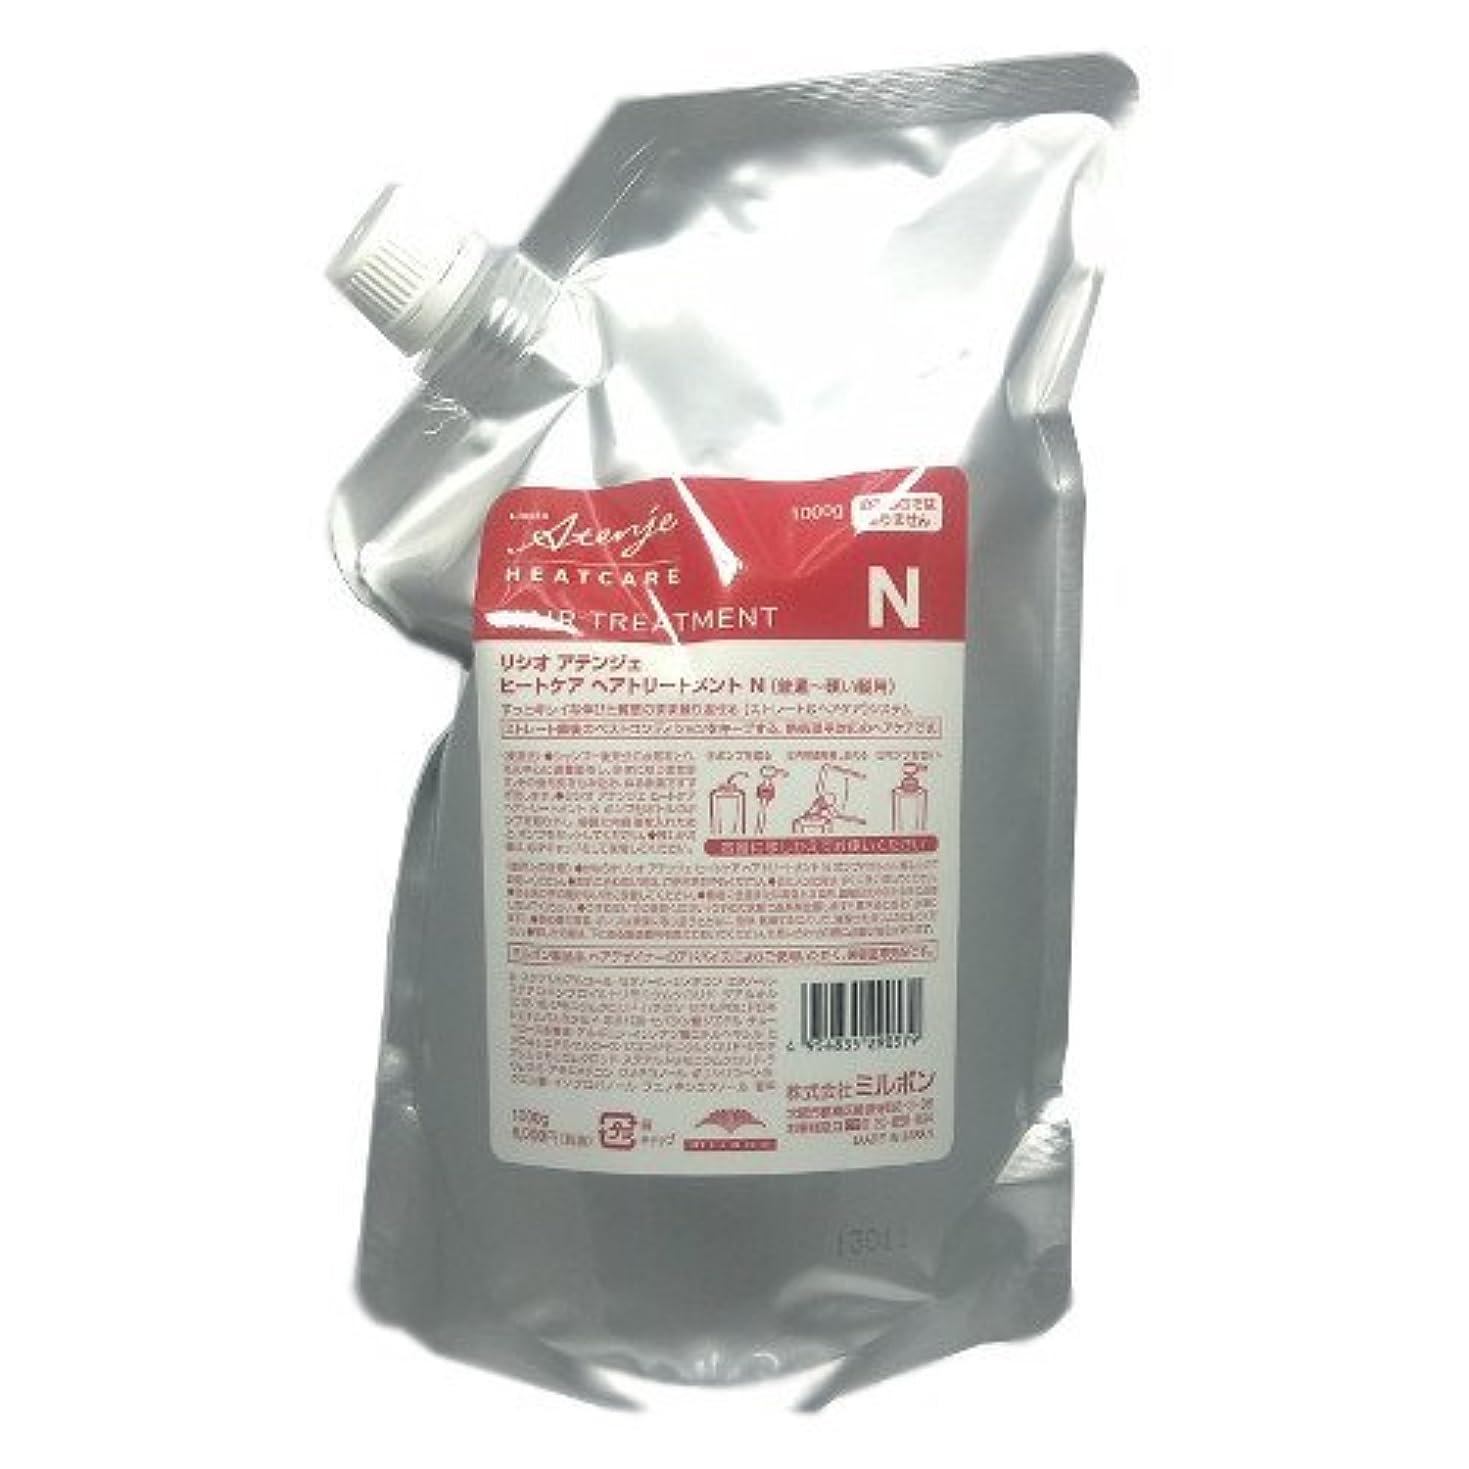 階下冷蔵するソファーミルボン リシオ アテンジェ ヒートケア ヘアトリートメント N 1000g 詰替え用